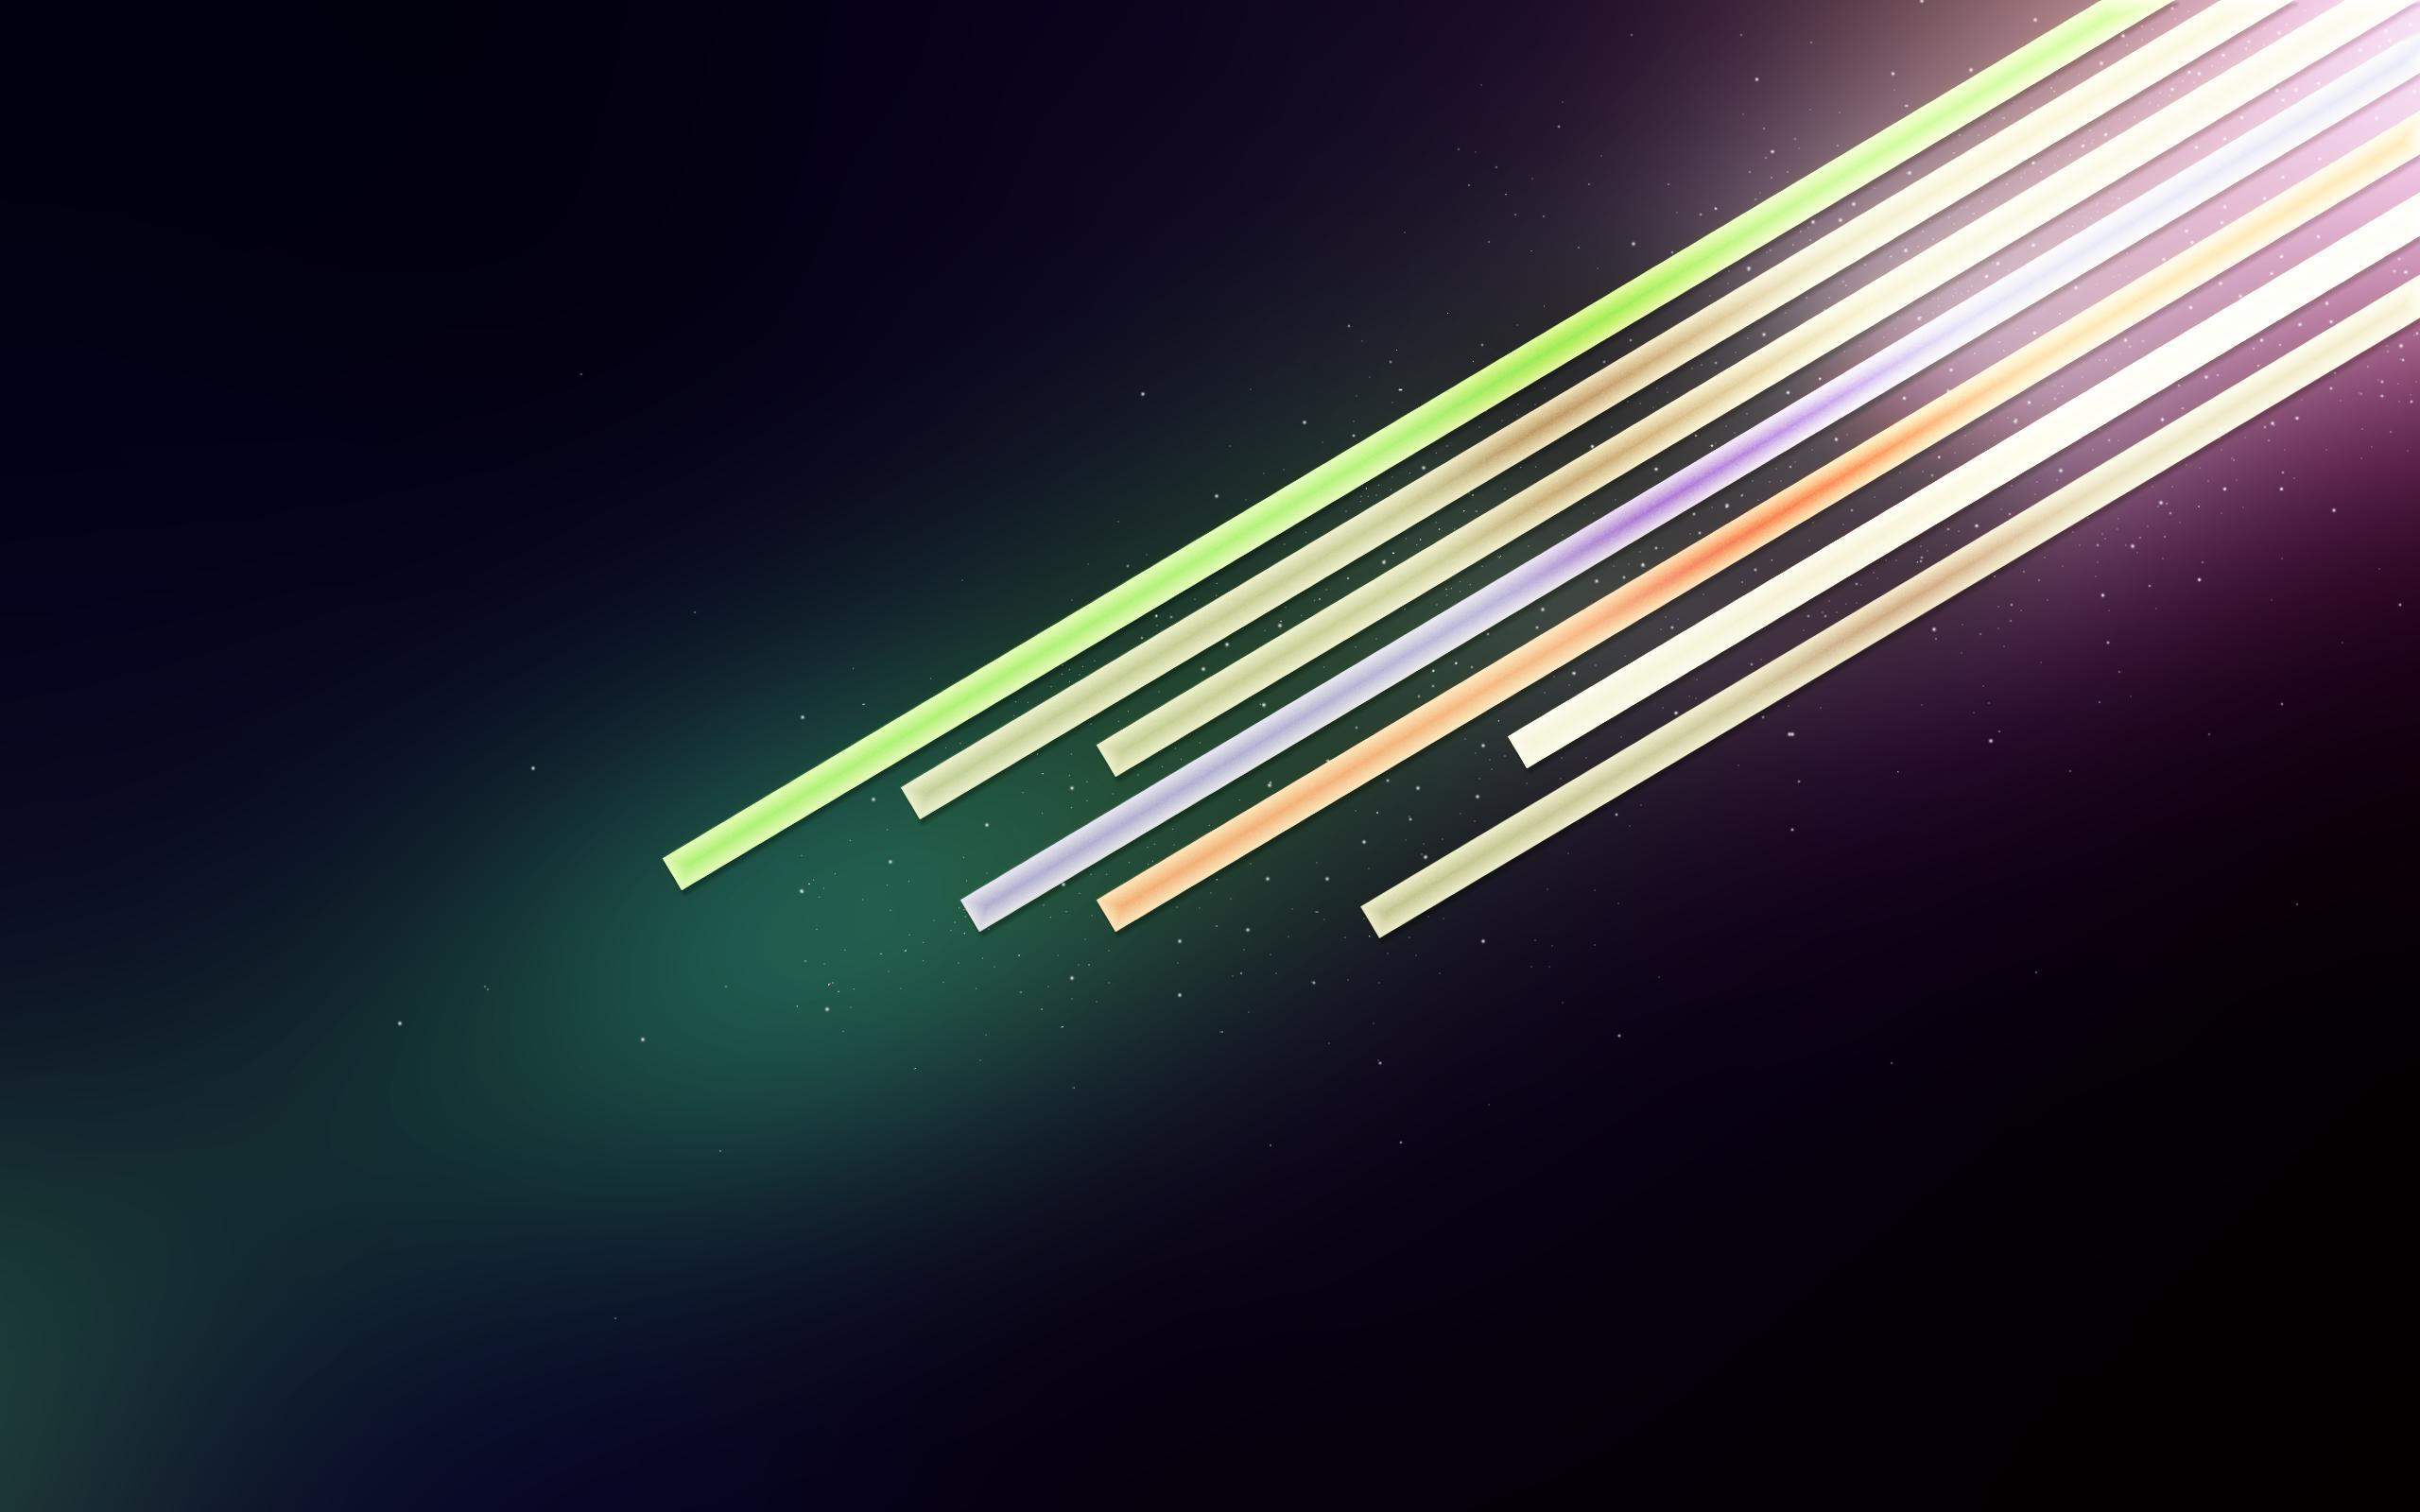 Lines Design Wallpaper 2560x1600 3644 Wallpaperup